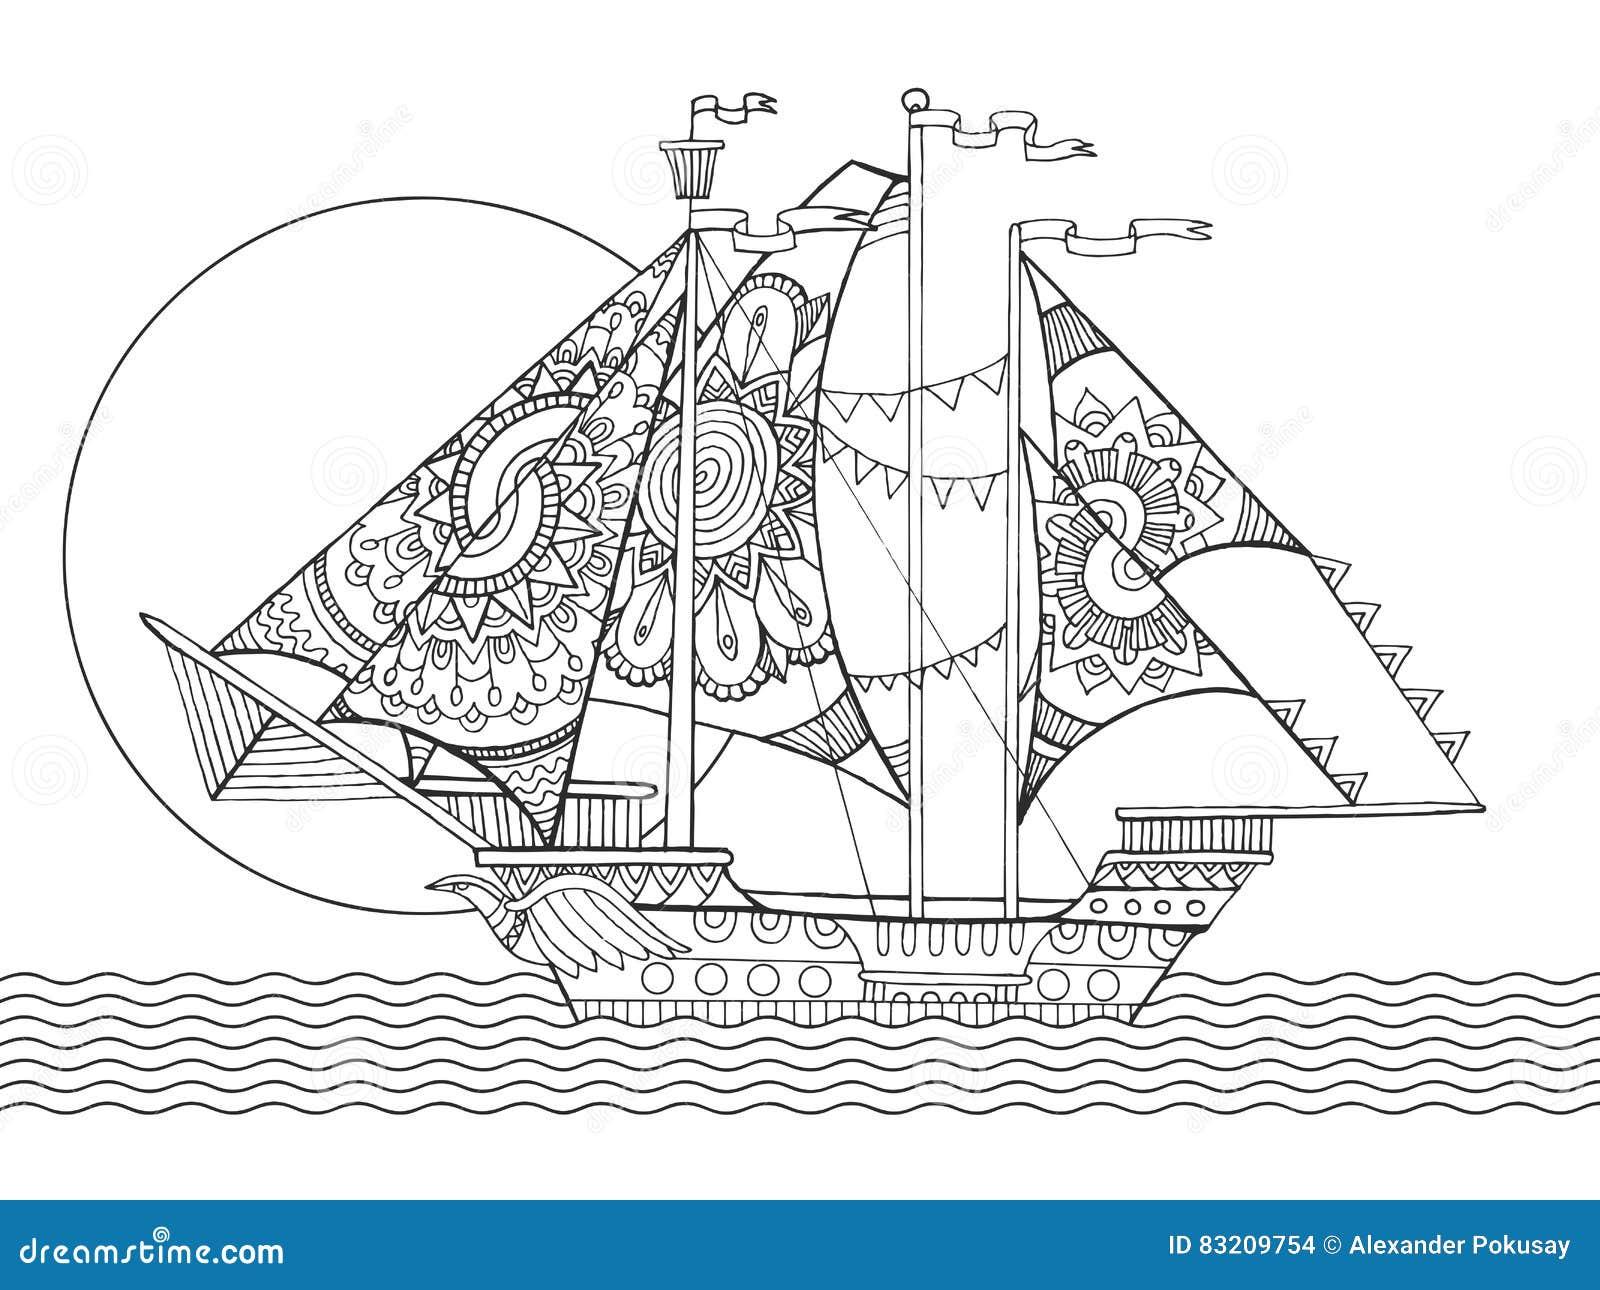 Vecteur De Livre De Coloriage De Dessin De Bateau De Navigation Illustration De Vecteur Illustration Du Bateau Vecteur 83209754